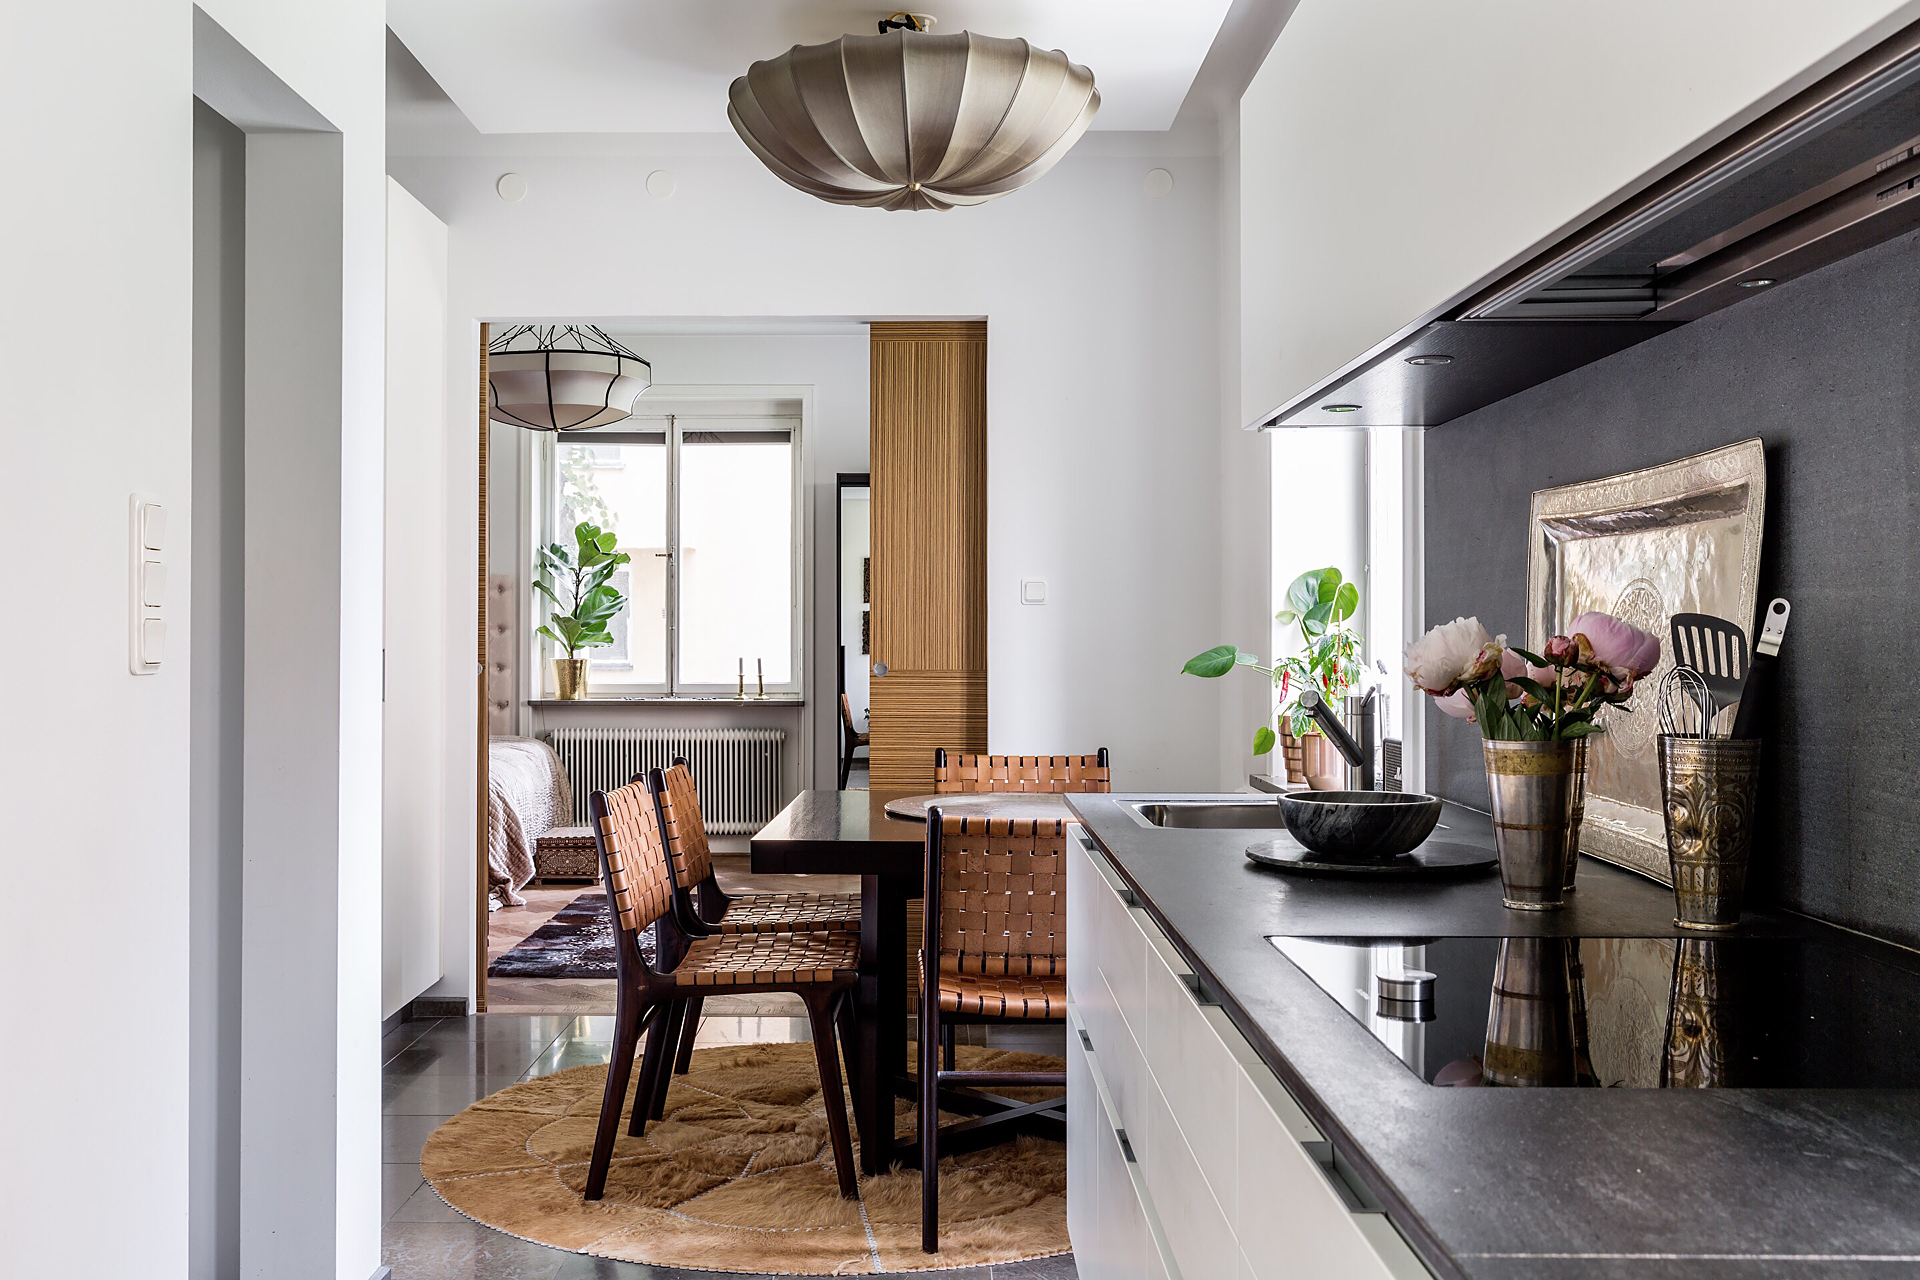 белая кухня обеденный стол стулья раздвижные двери